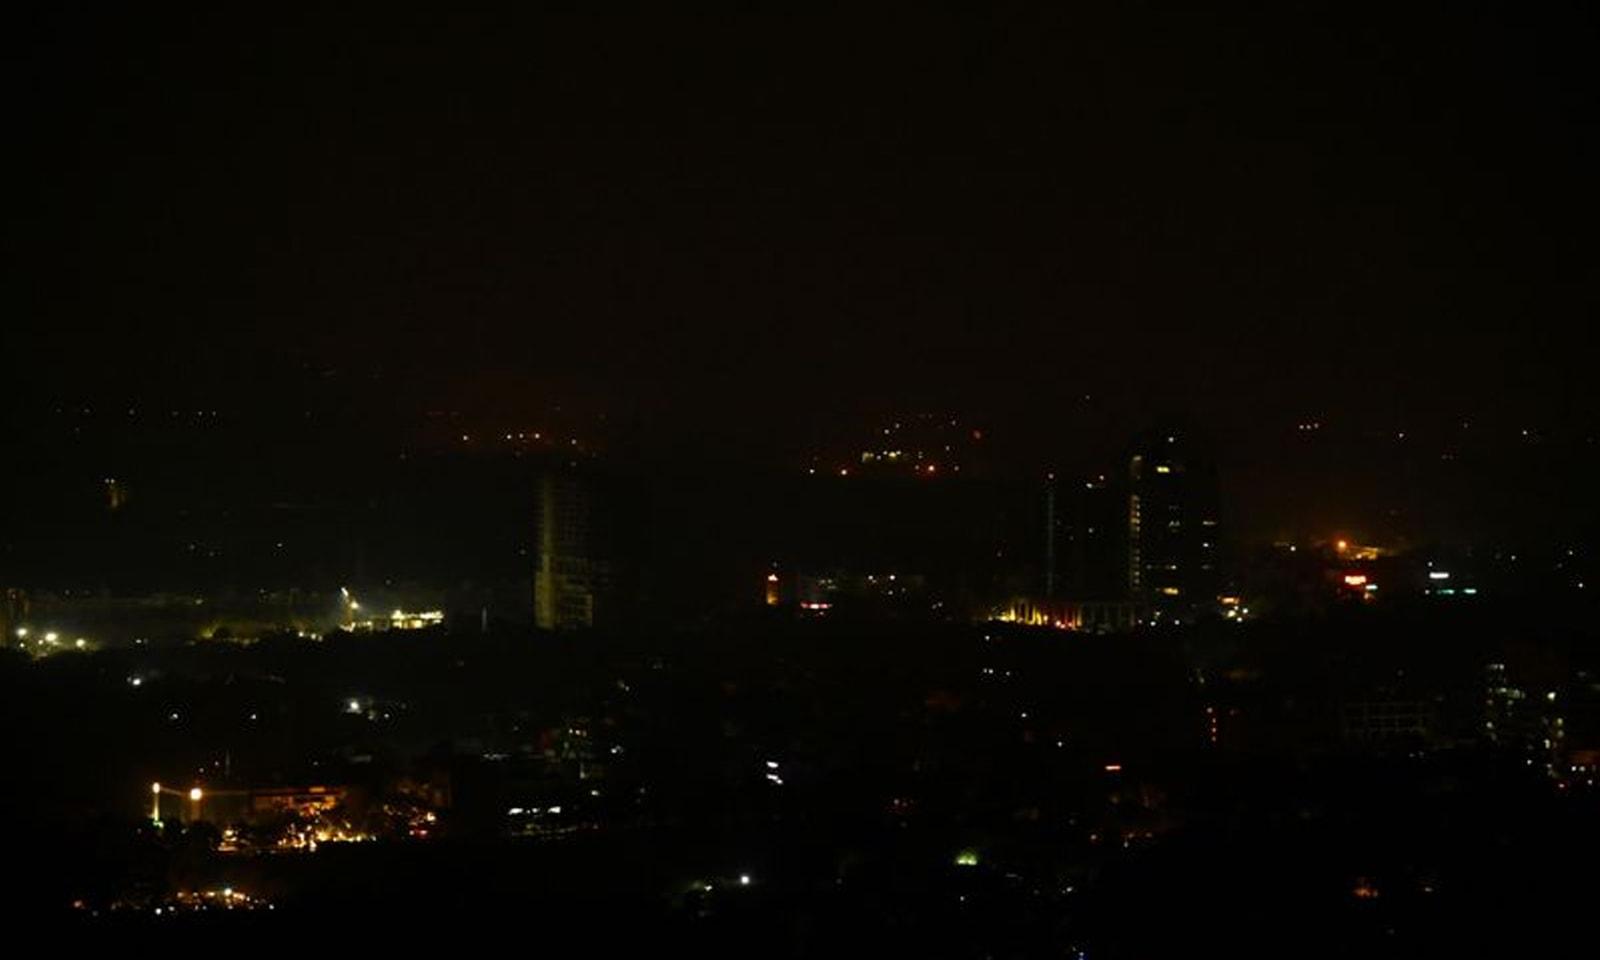 اب تک ملک میں جزوی طور پر بجلی بحال ہوچکی ہے— فوٹو: اے ایف پی